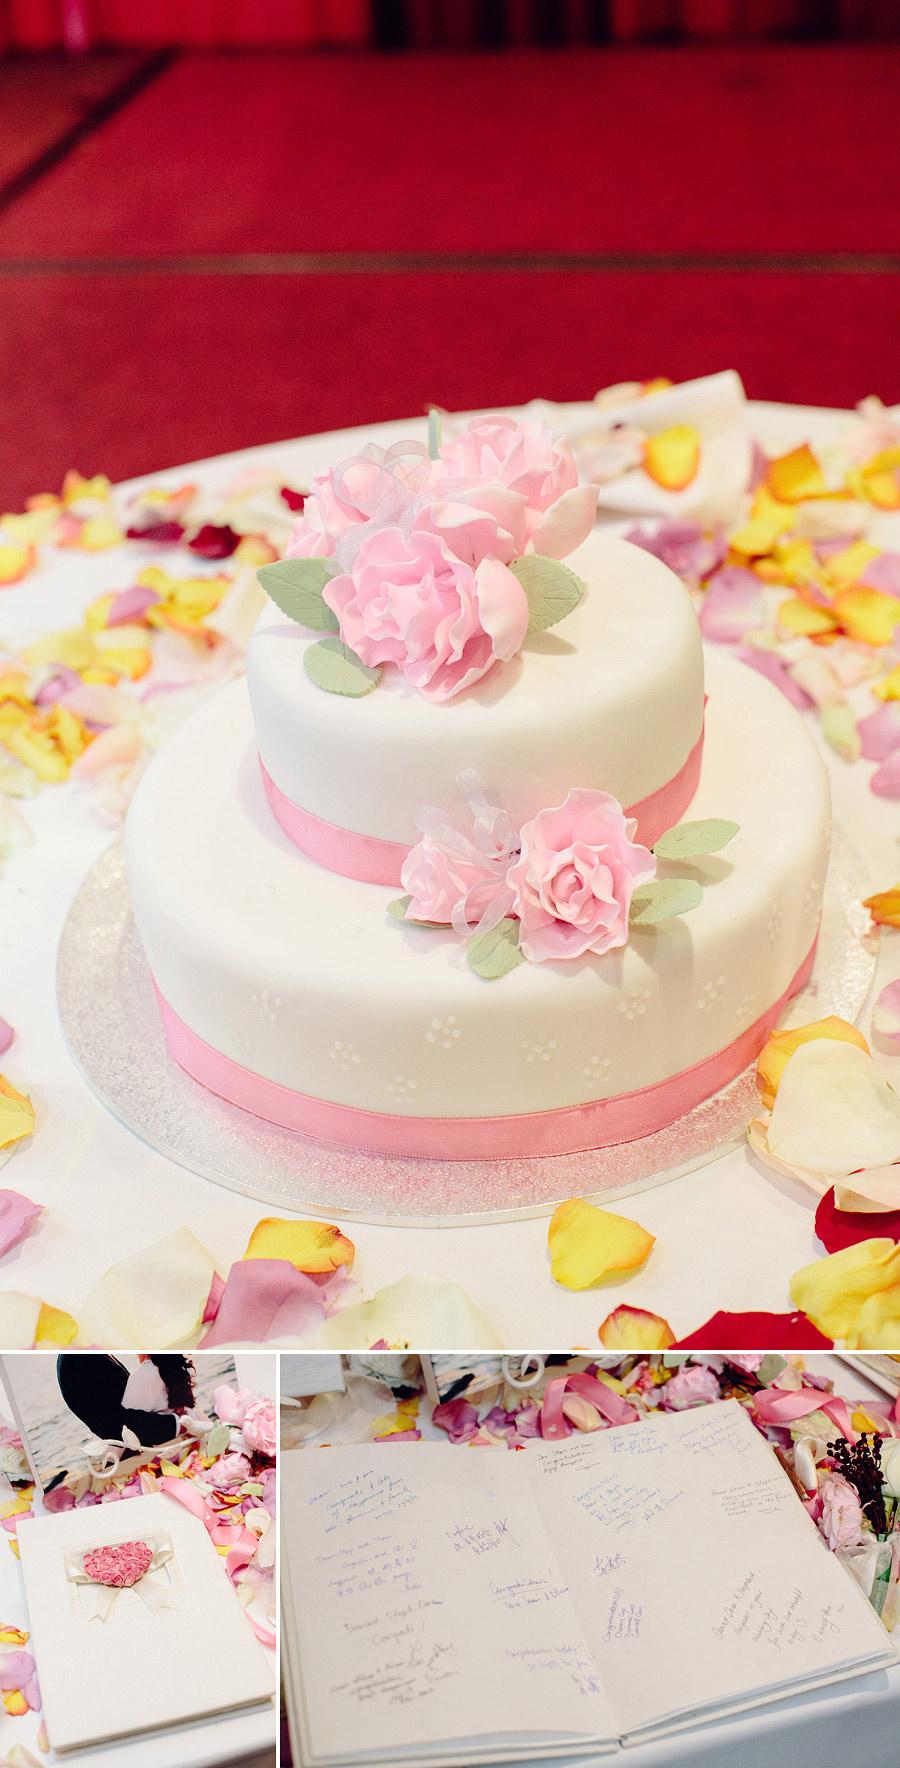 Market City Wedding Photographer: Wedding cake